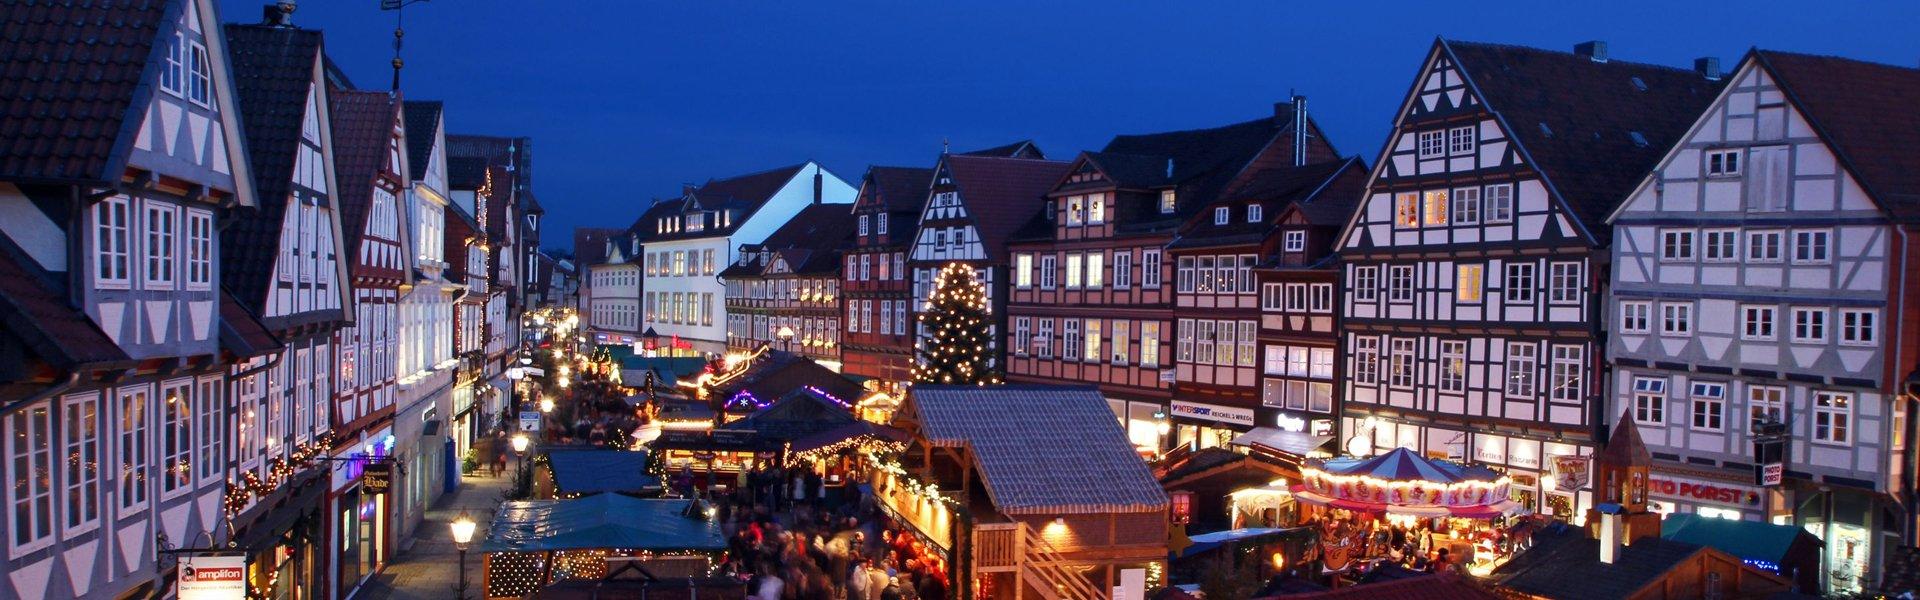 Celle, Duitsland